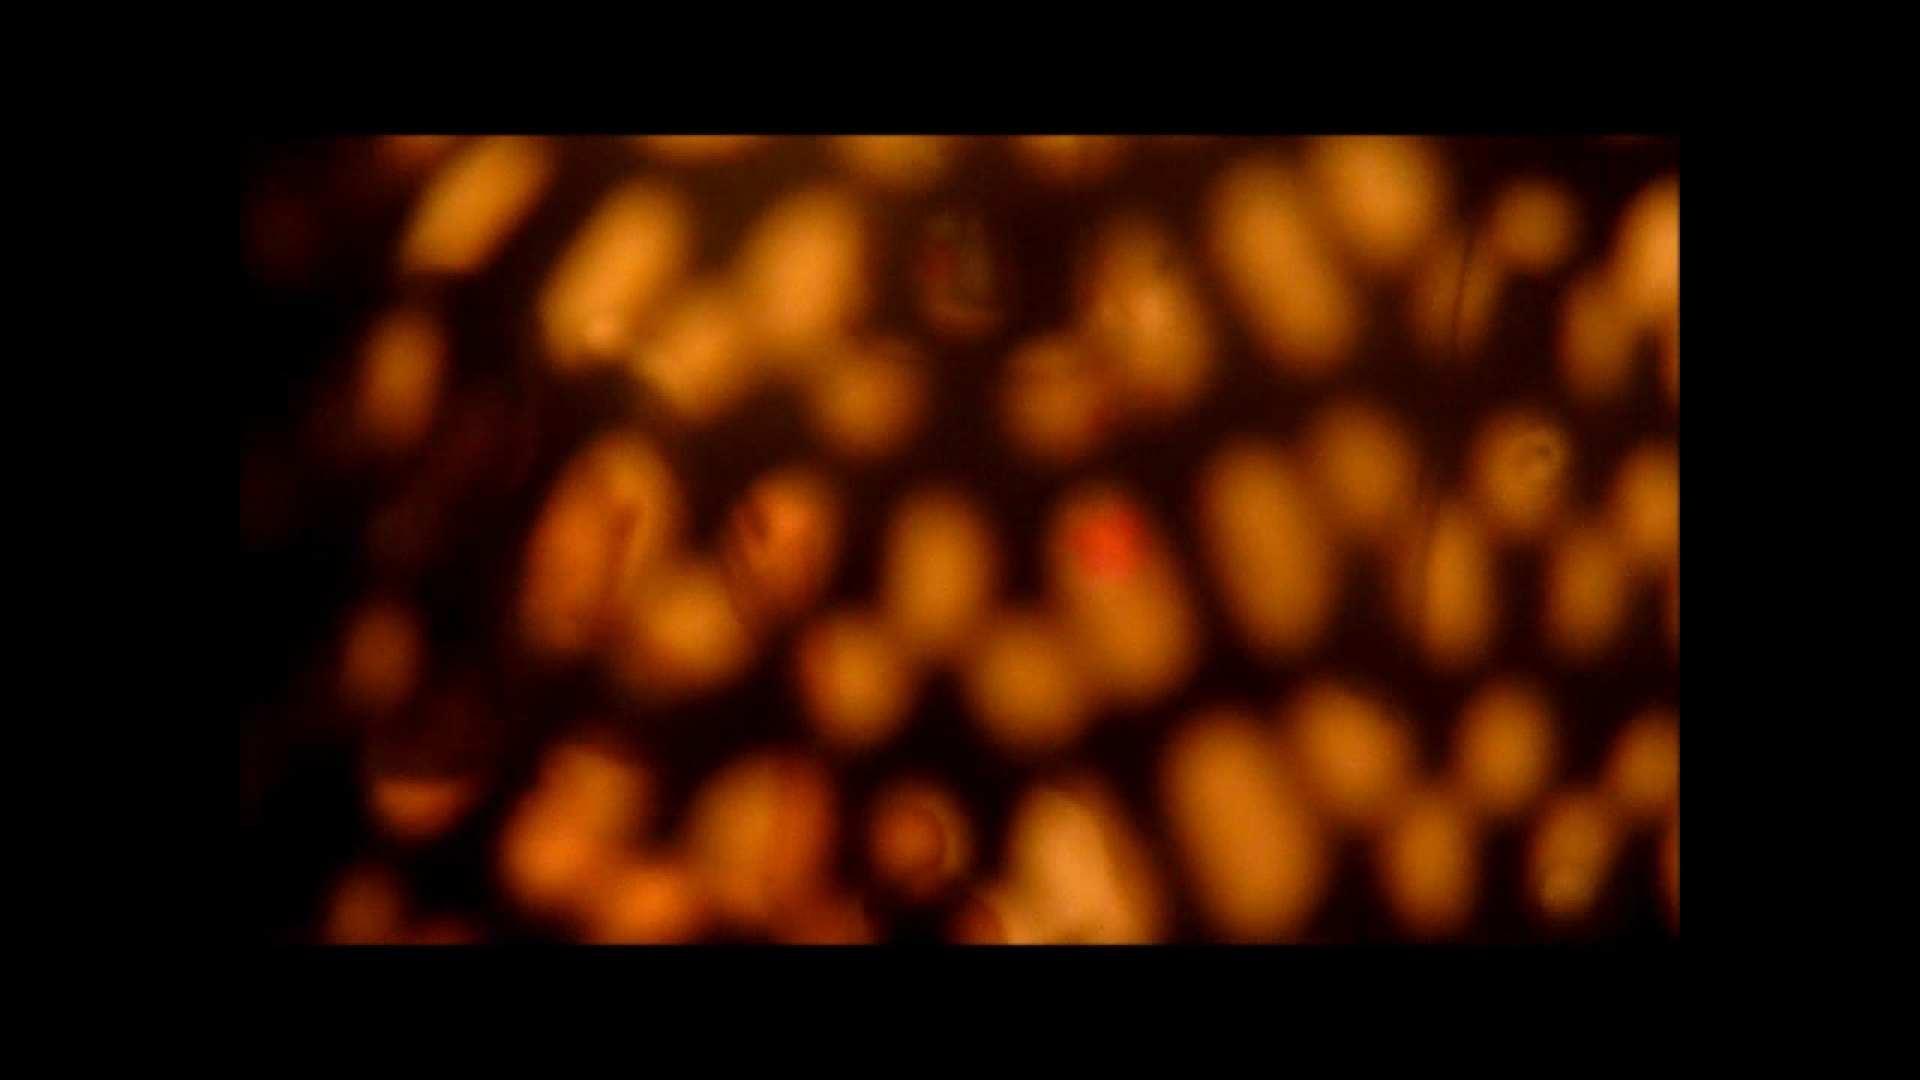 【02】ベランダに侵入して張り込みを始めて・・・やっと結果が出ました。 家宅侵入 | 0  82画像 59